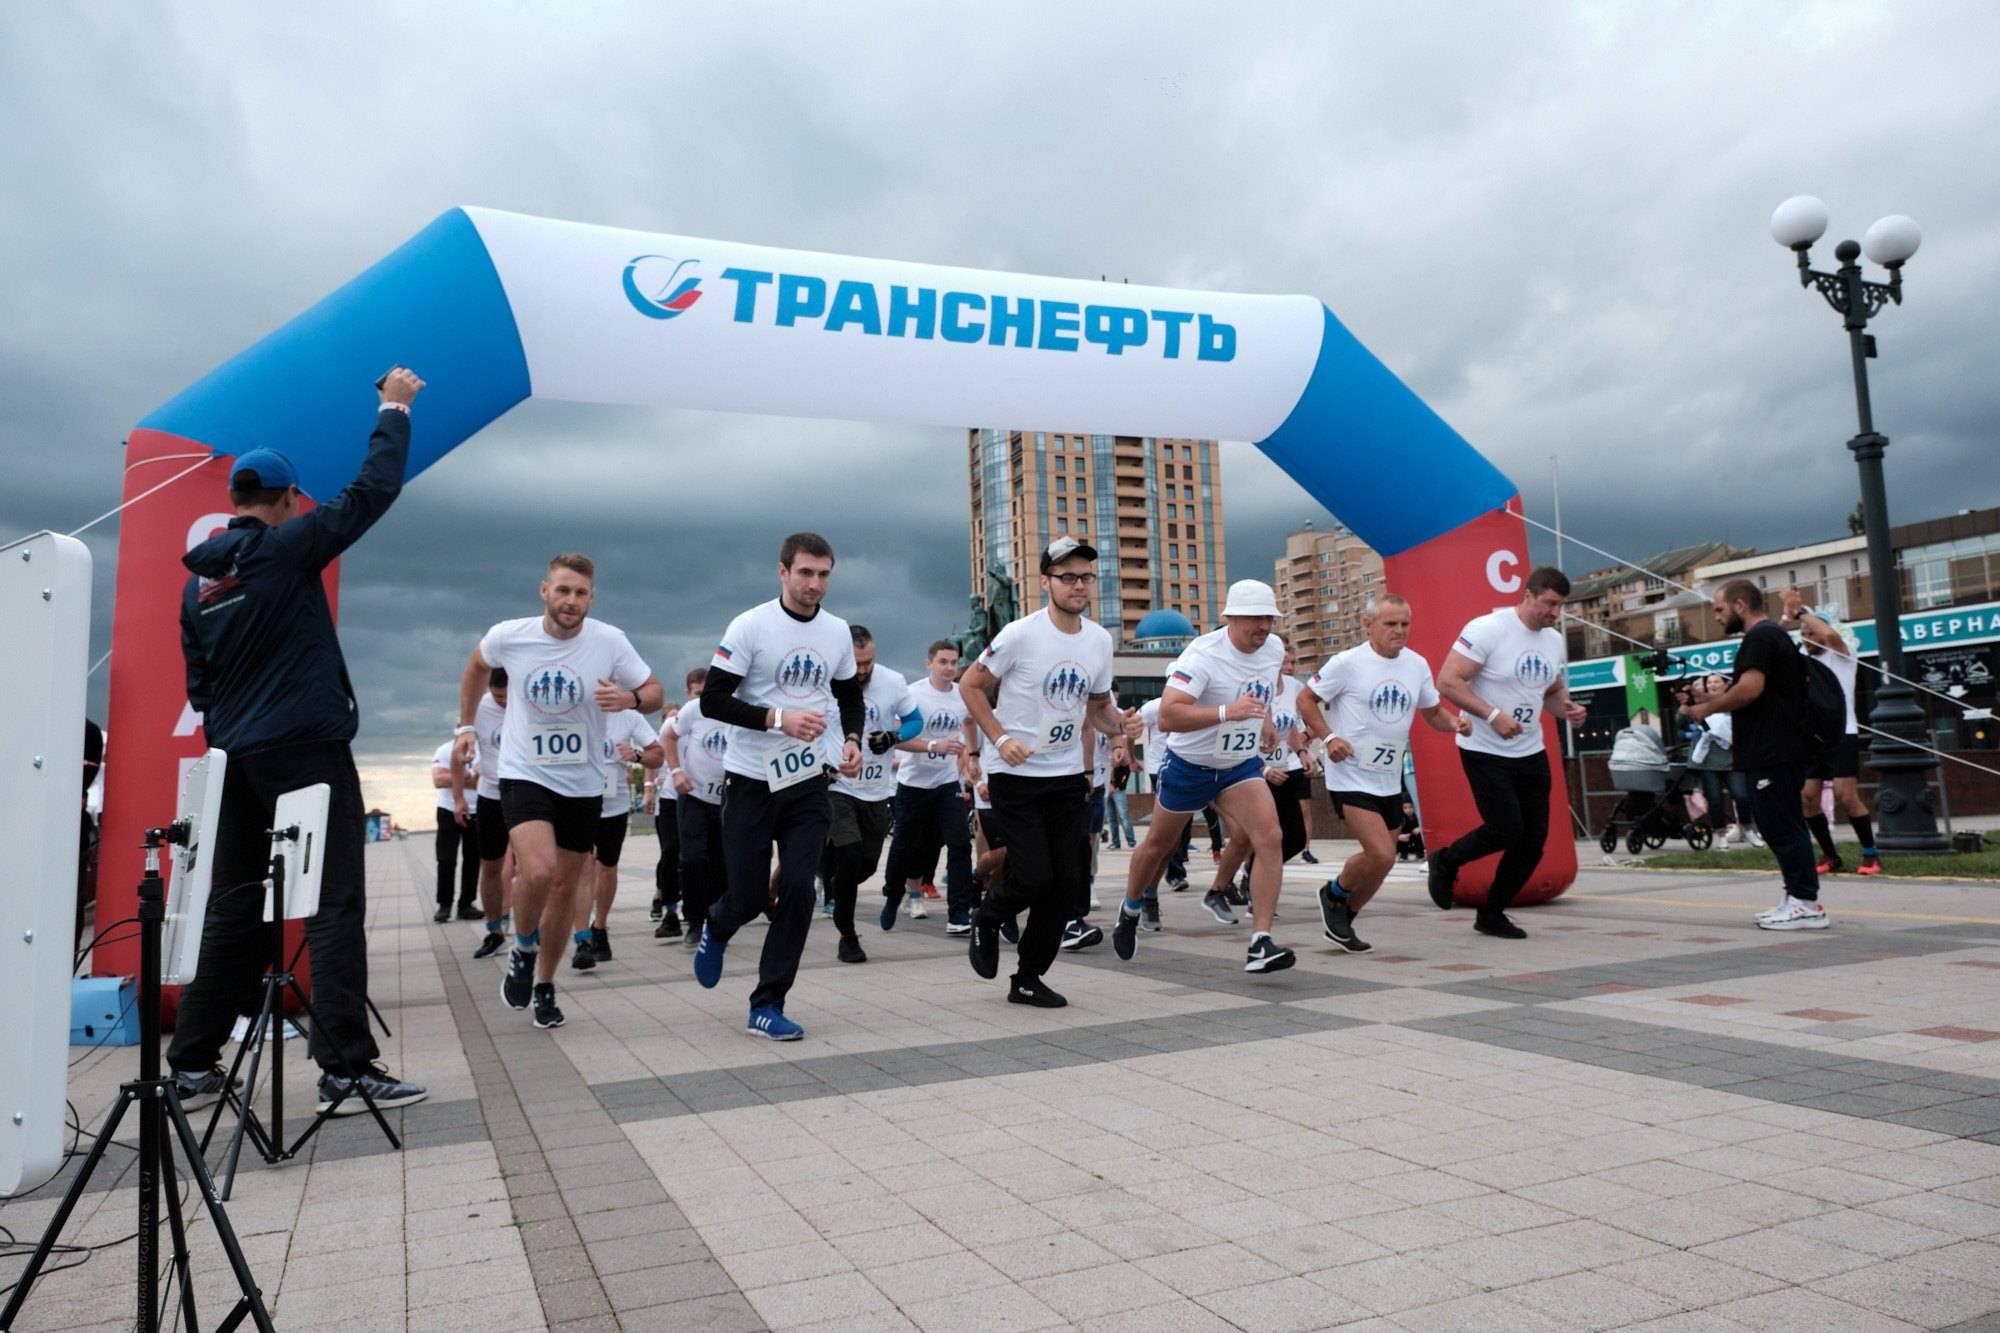 Сотрудники АО «Черномортранснефть» — профессионалы даже в спорте